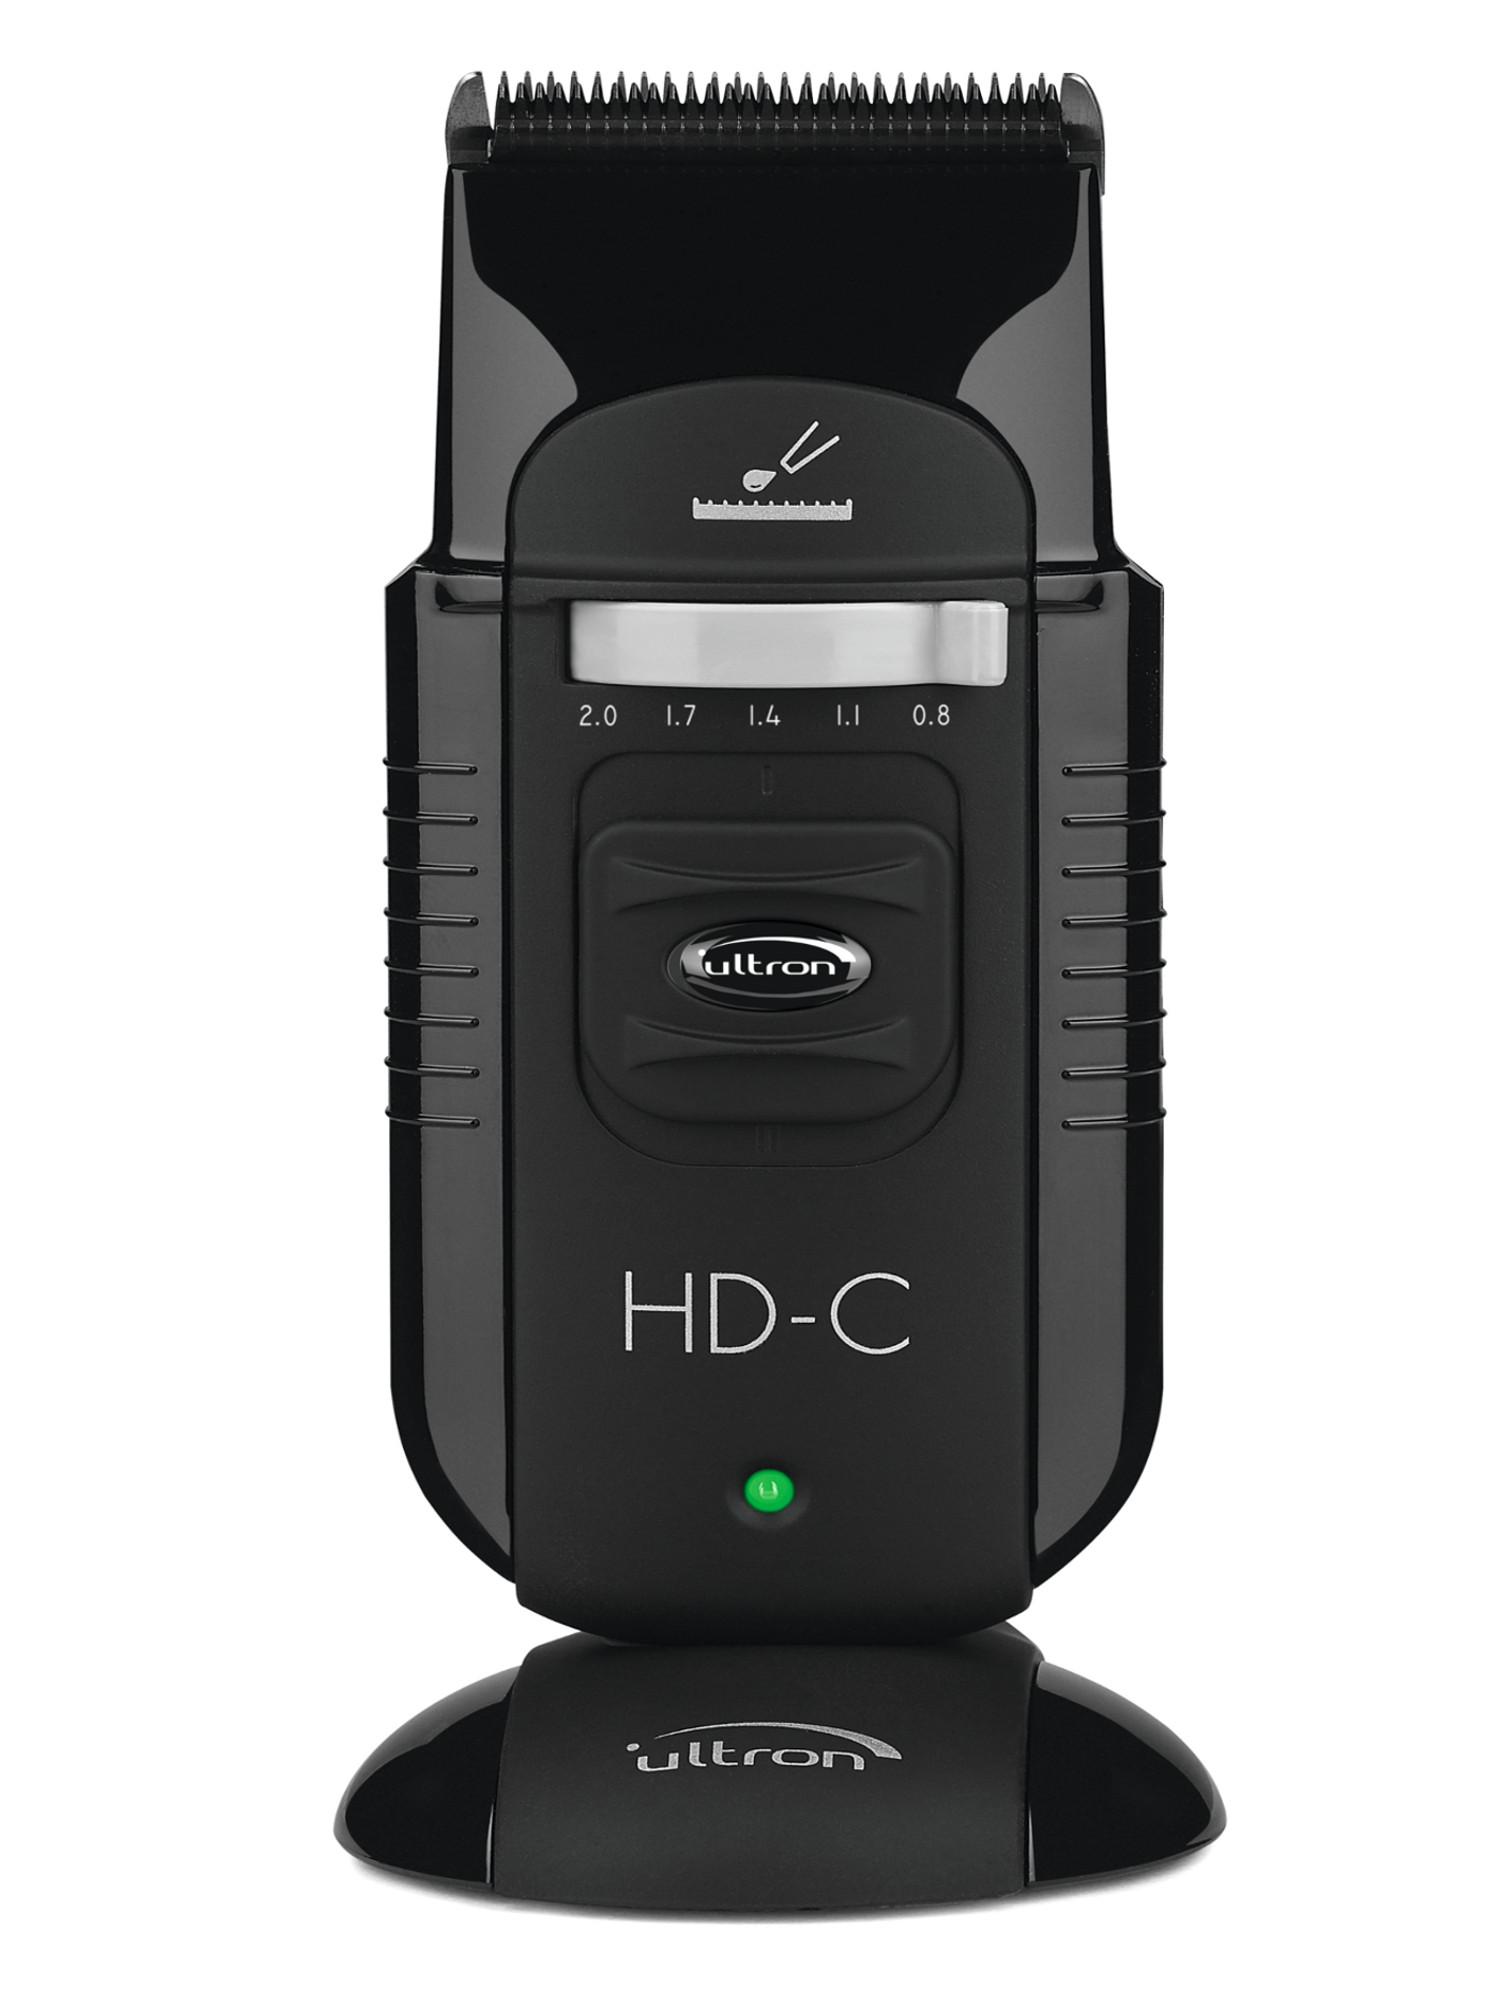 Kompaktní strojek na vlasy Ultron HD-C - černý (7920001) + DÁREK ZDARMA